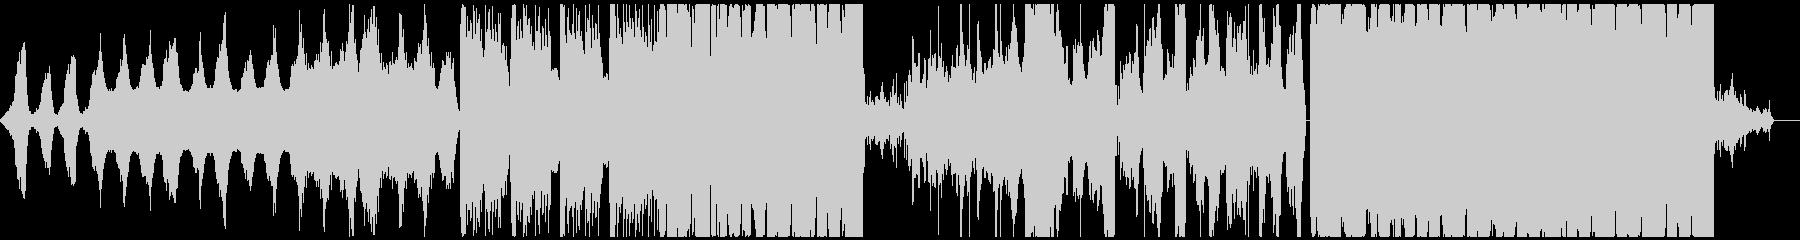 幻想的で不気味な機械音エレクトロニカの未再生の波形